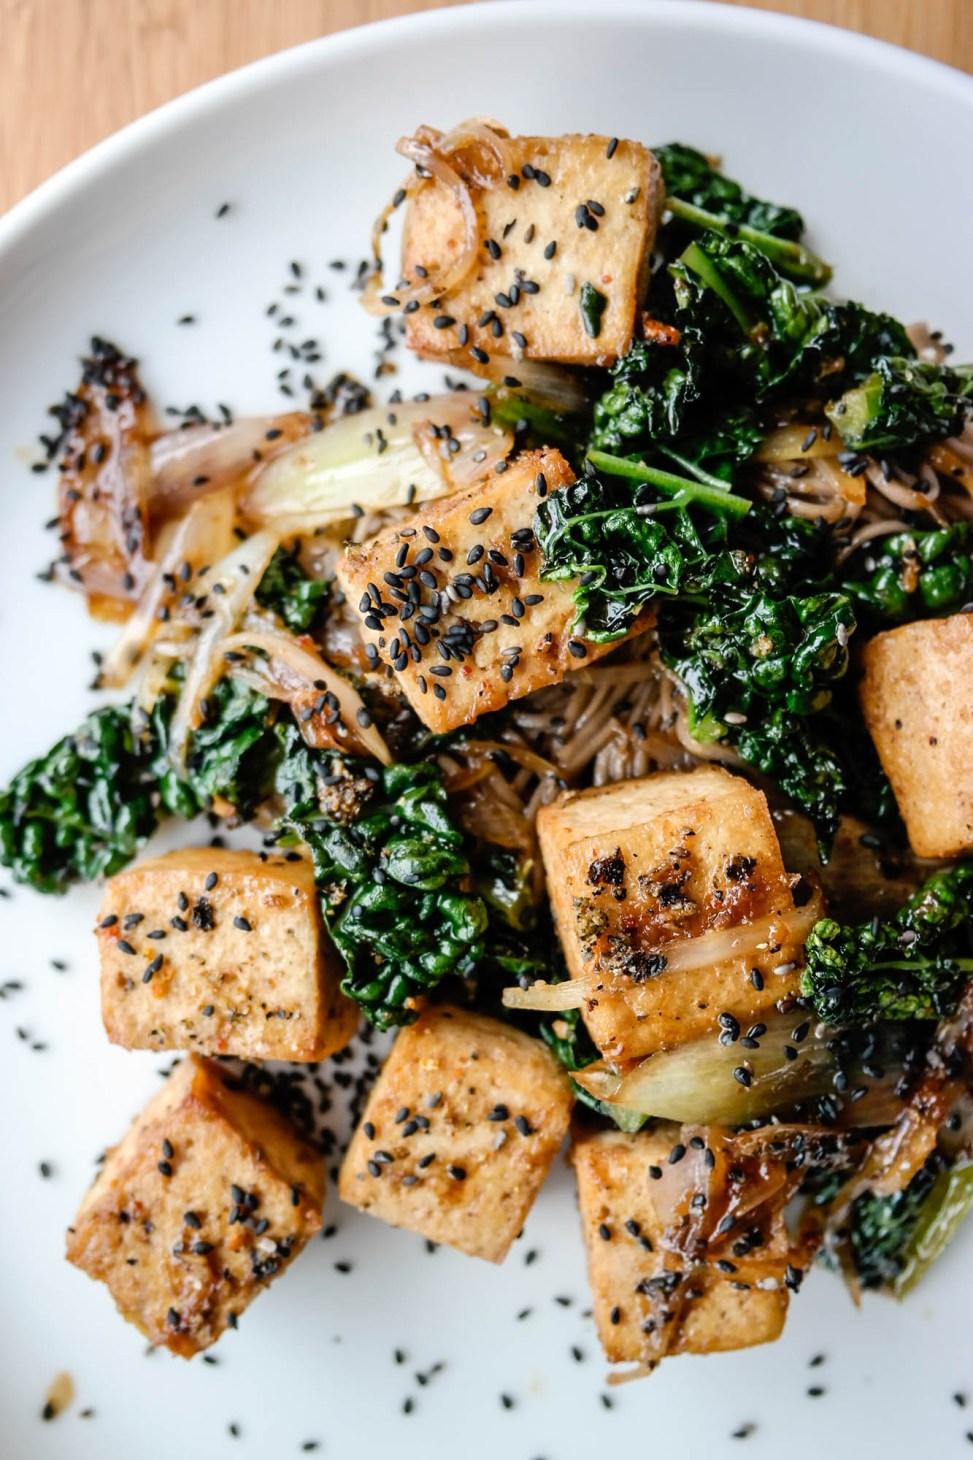 Togarashi tofu er simpelthen tofu med japansk krydderblanding - og det smaker så himla digg!